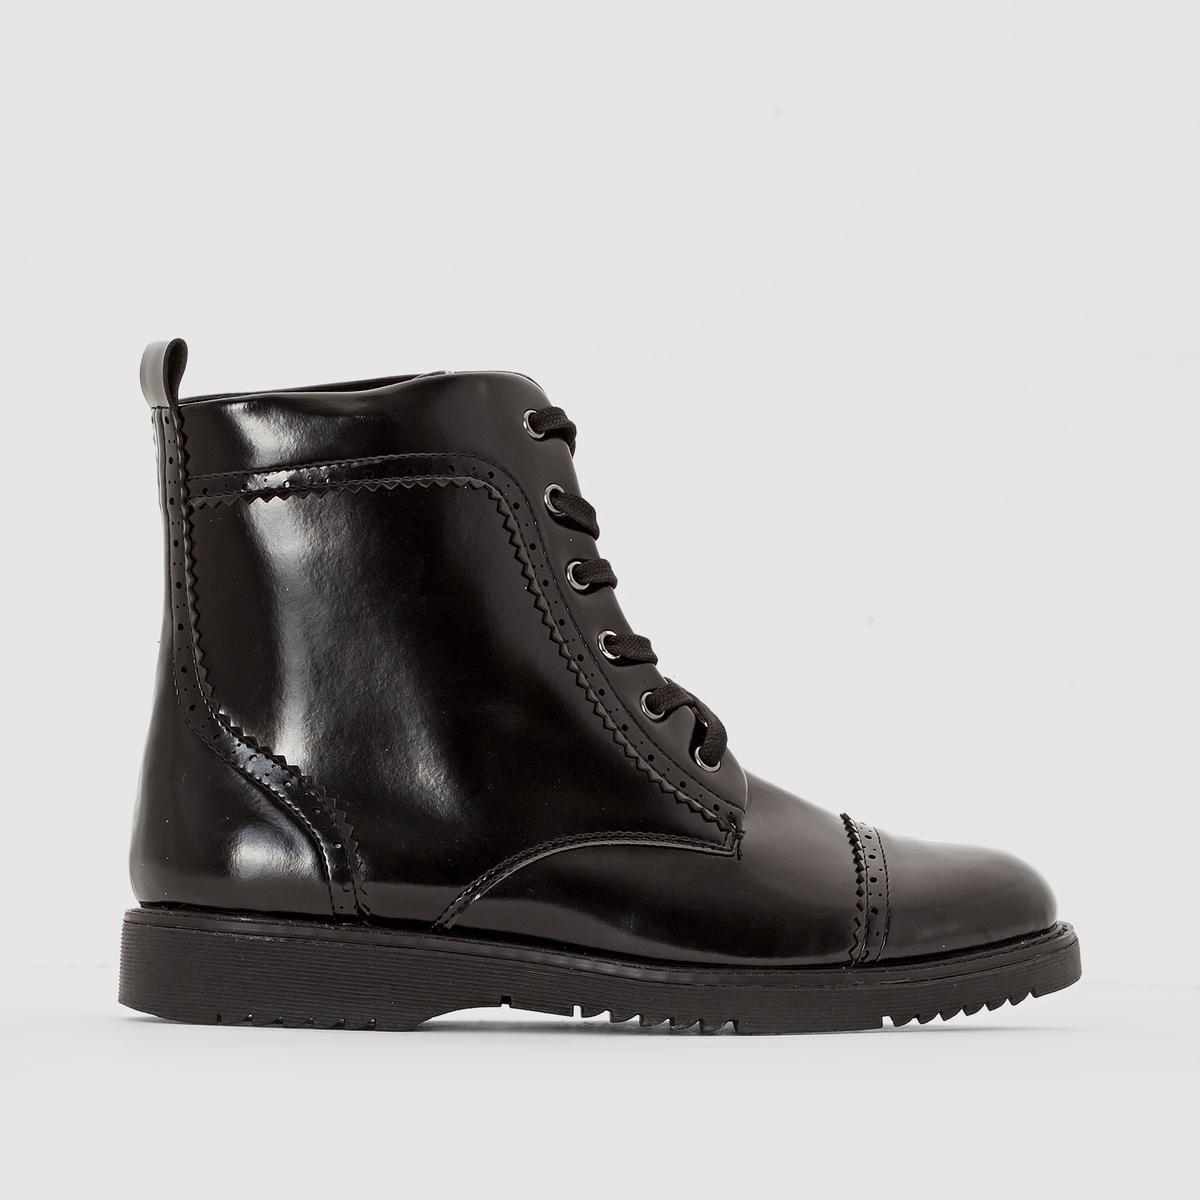 БотинкиДетали   •  Высота каблука : 3 см •  Застежка : шнуровка •  Круглый мысокСостав и уход   •  Верх 100% синтетический материал •  Подкладка 100% хлопок •  Стелька 100% кожа •  Подошва 100% эластомер<br><br>Цвет: черный<br>Размер: 40.39.38.42.43